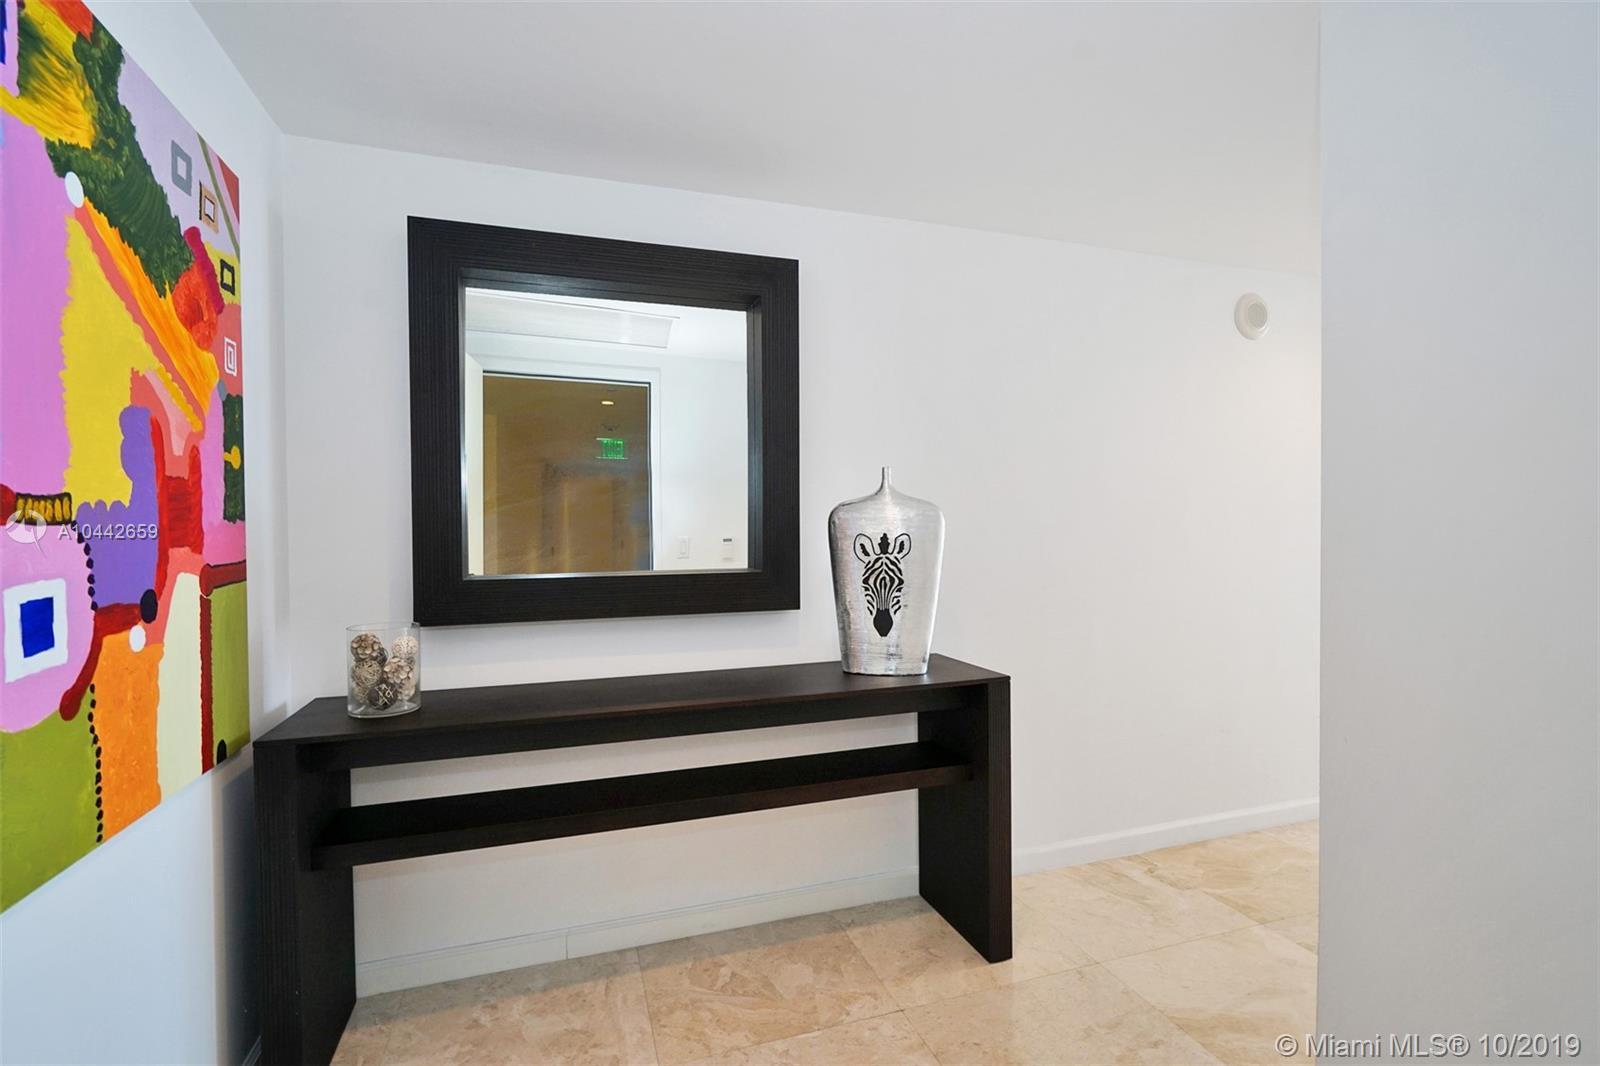 465 Brickell Ave, Miami, FL 33131, Icon Brickell I #4201, Brickell, Miami A10442659 image #36